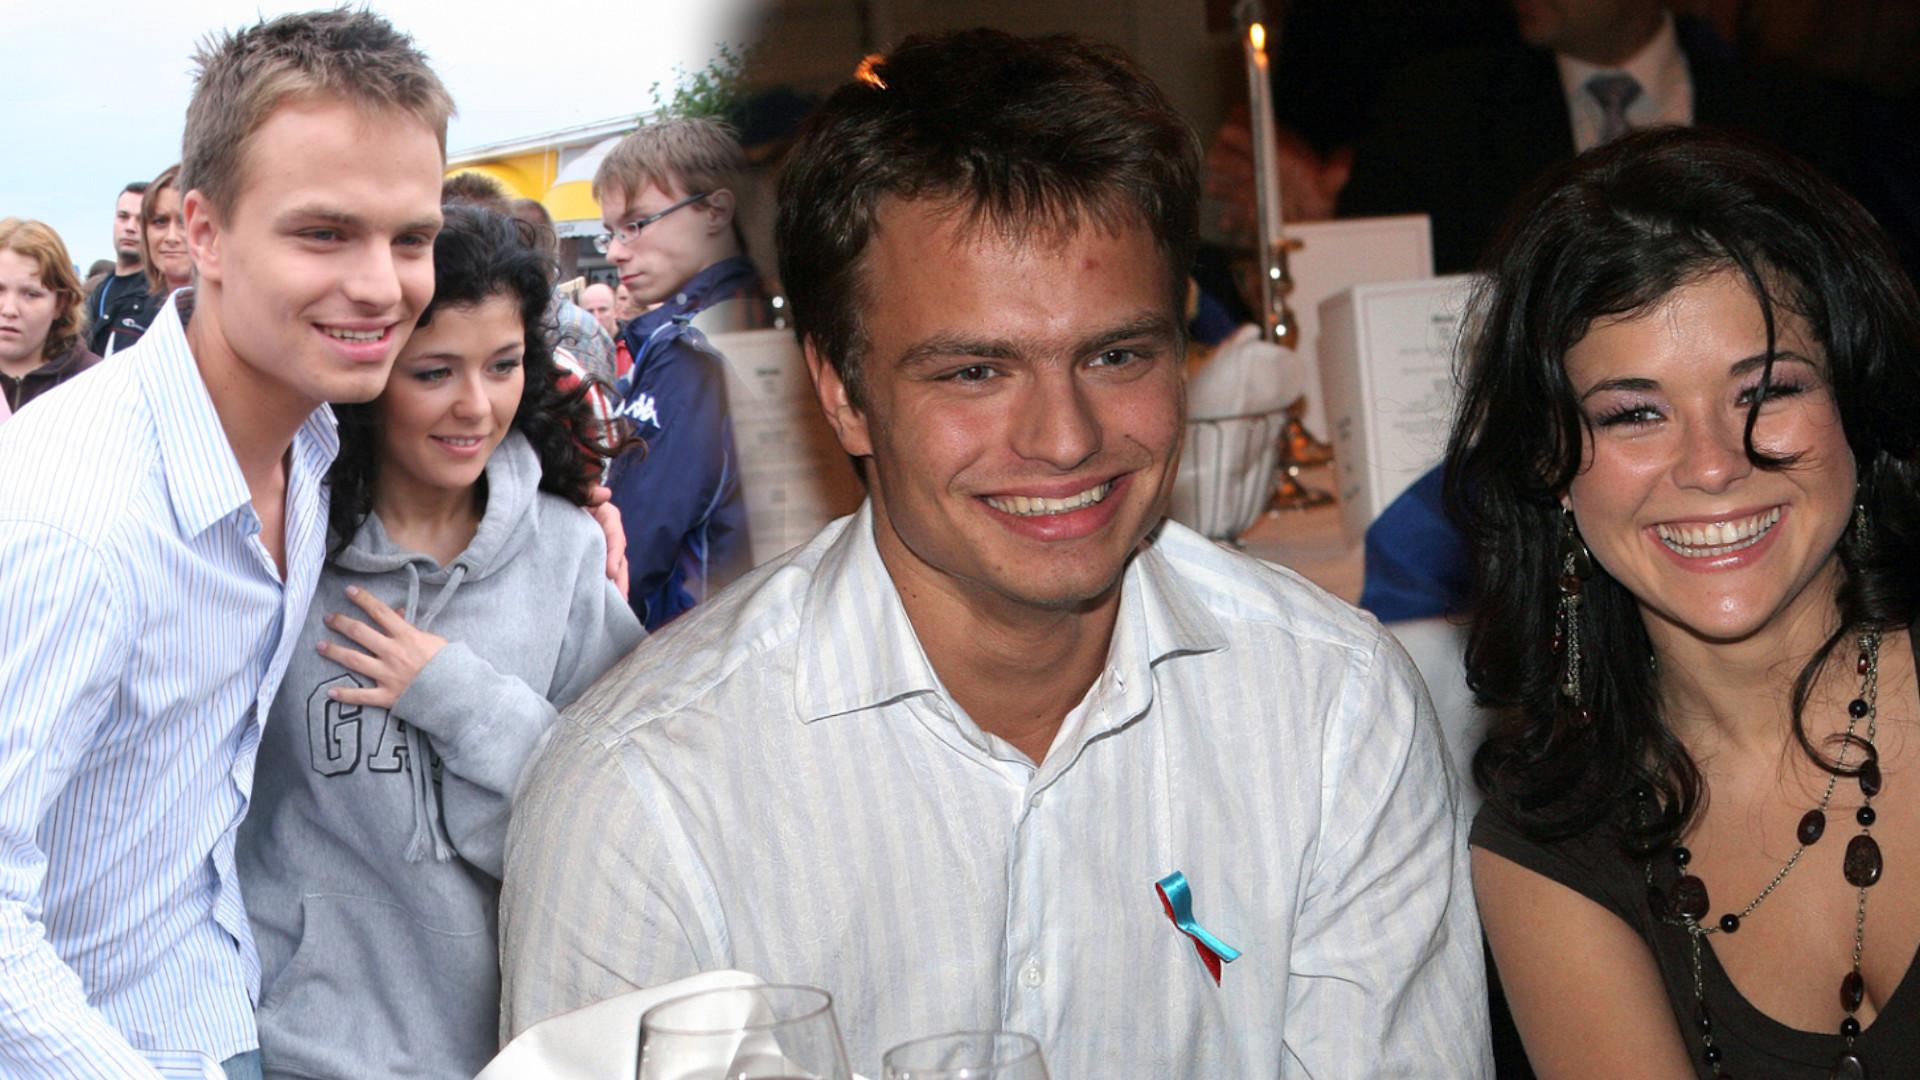 Kasia Cichopek i Marcin Hakiel świętują 12 rocznicę ślubu. Pokazali prywatne zdjęcia z ceremonii